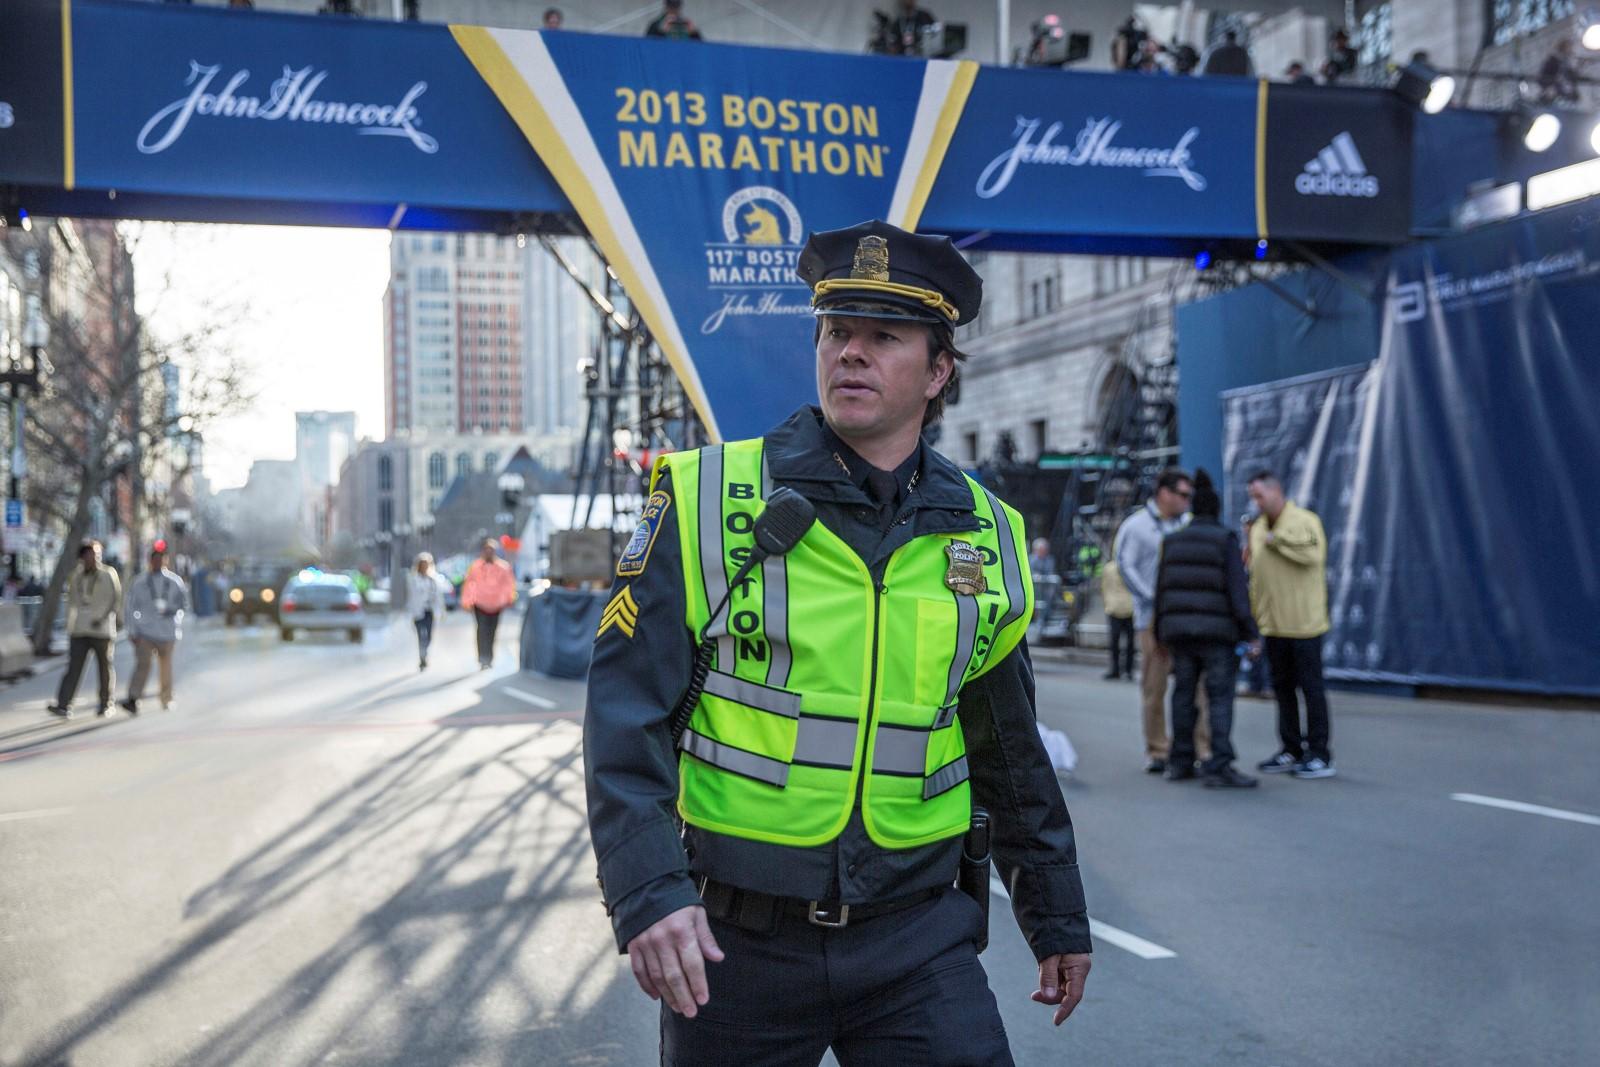 Der Dienst beim Boston Marathon scheint für Sgt. Tommy Saunders (Mark Wahlberg) auch dieses Jahr ein ruhiger Routinetag zu werden.